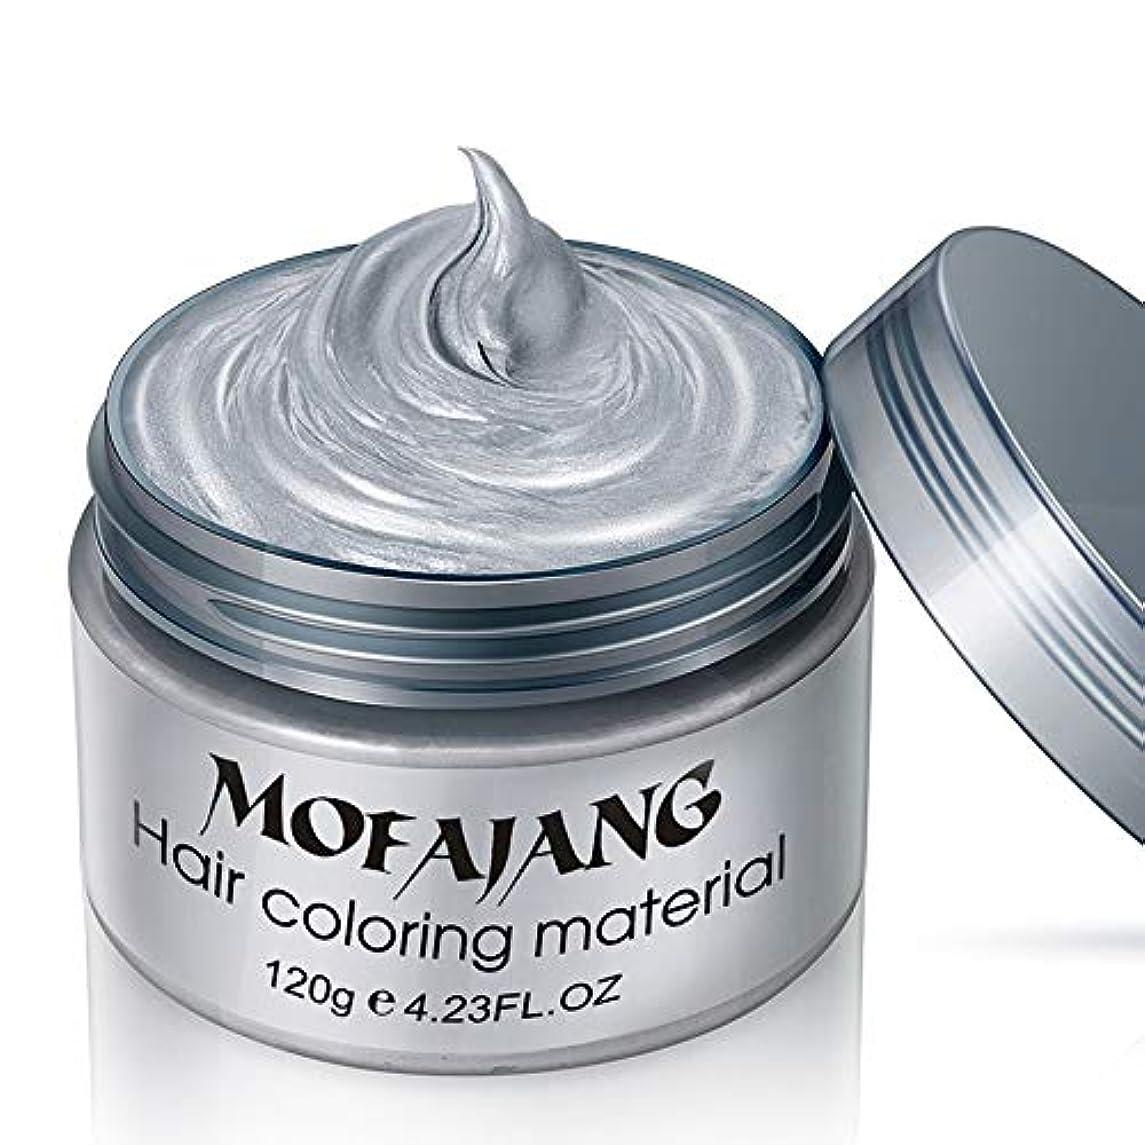 月曜ミルソートシルバーグレーの髪のワックス、豪華な着色泥の髪の染め、洗えるトリートメントの非グリースマットの髪型。